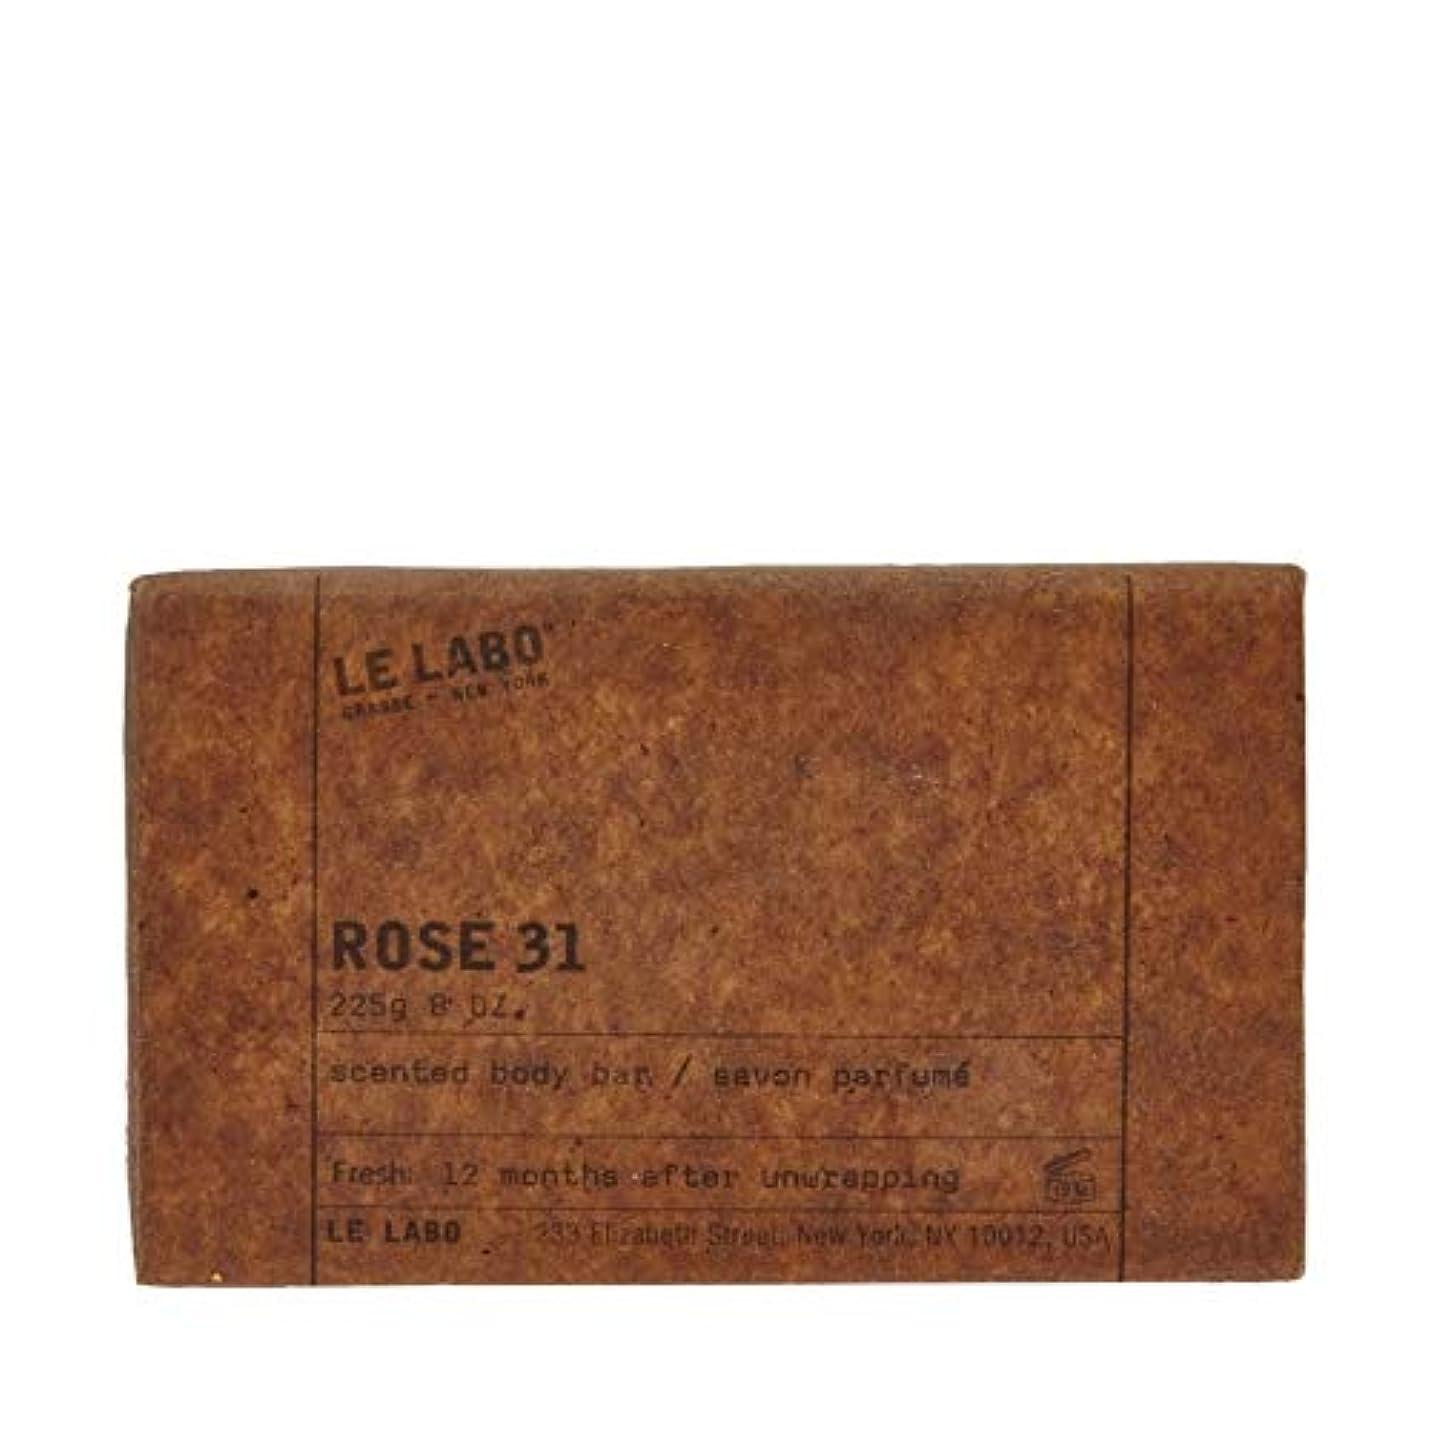 指定する予測する憧れ[Le Labo ] ル?ラボルラボ31石鹸の225グラムをバラ - Le Labo Le Labo Rose 31 Soap 225g [並行輸入品]